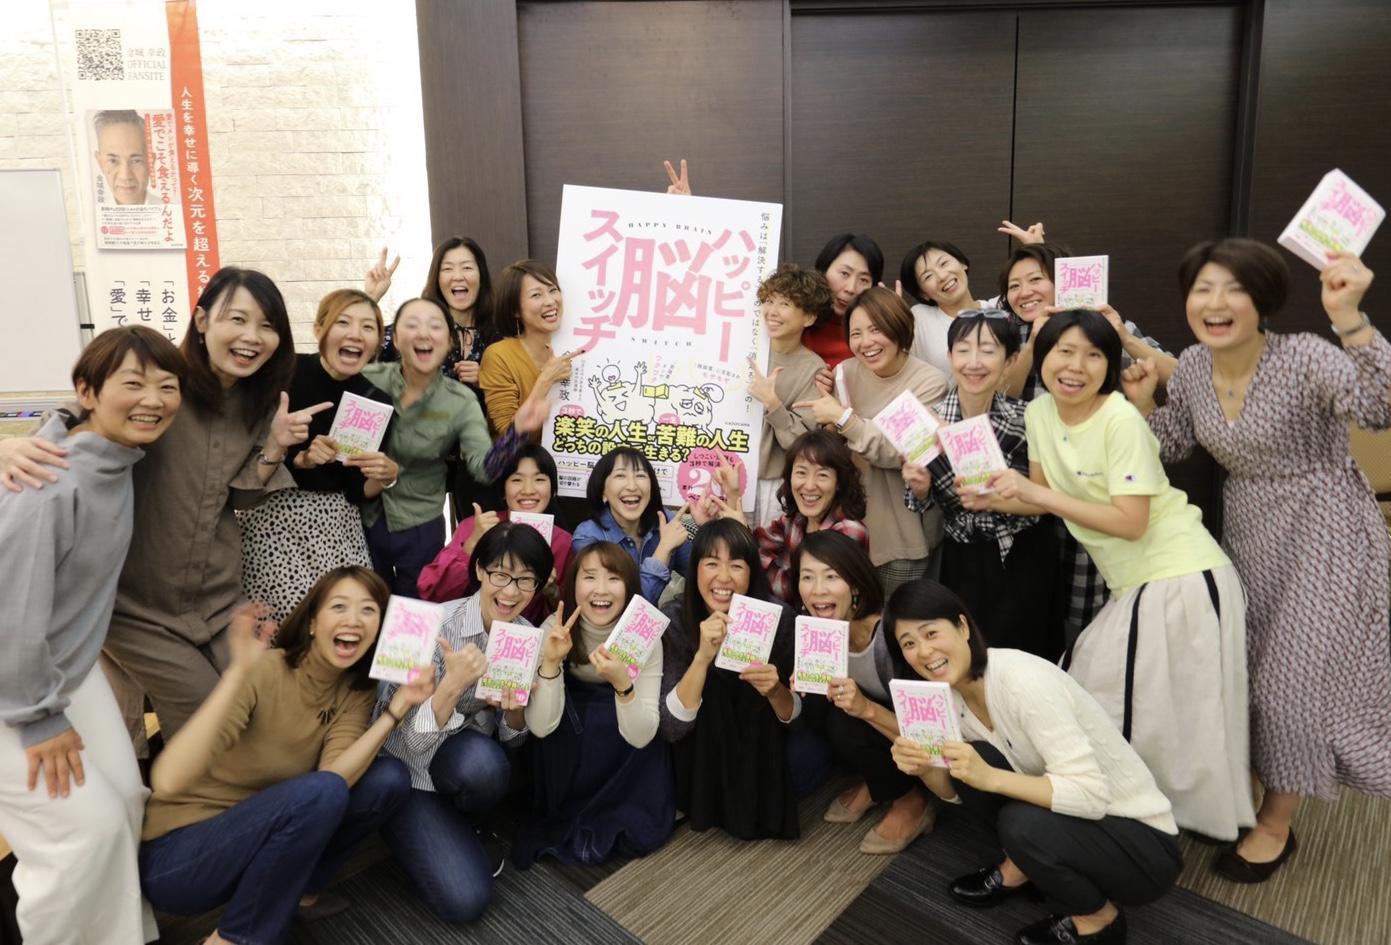 10月25日やんちゃな愛メシセミナーでした!!!!